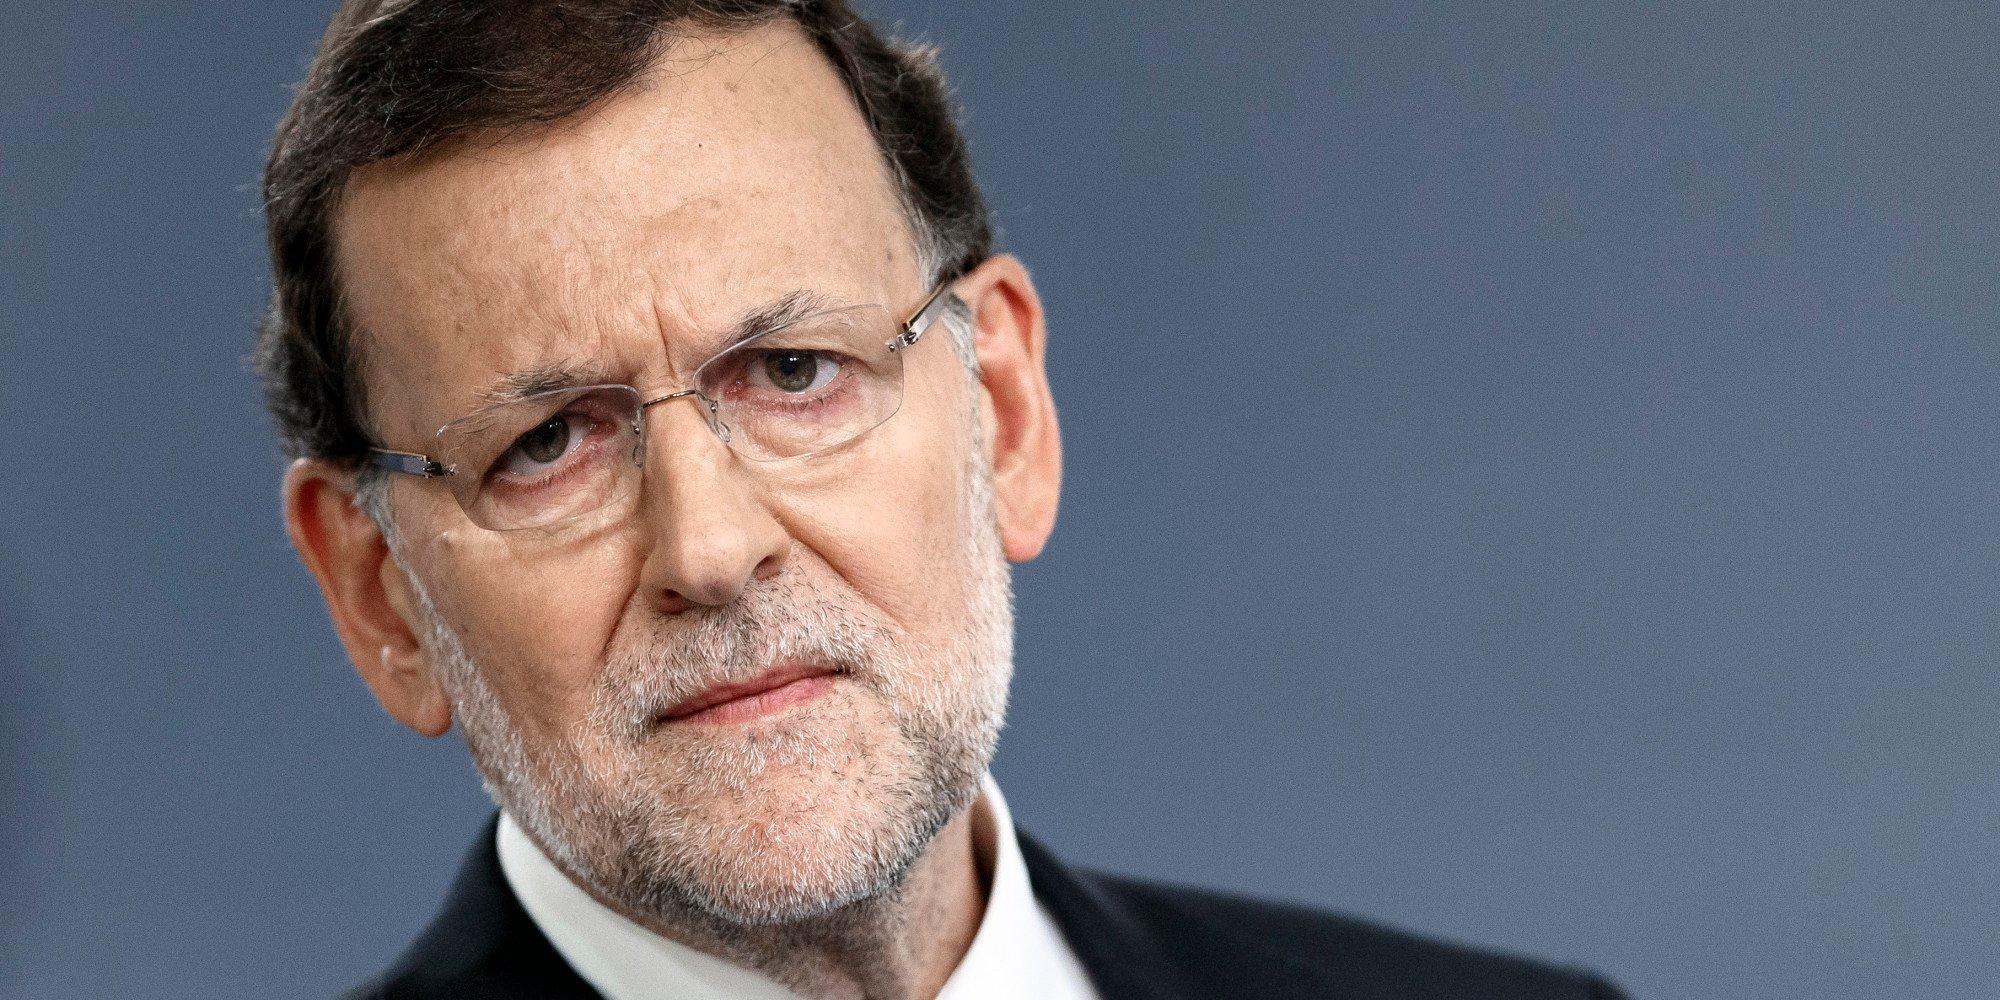 Mariano Rajoy guarda una 'bala de plata' para dispararla en el último minuto